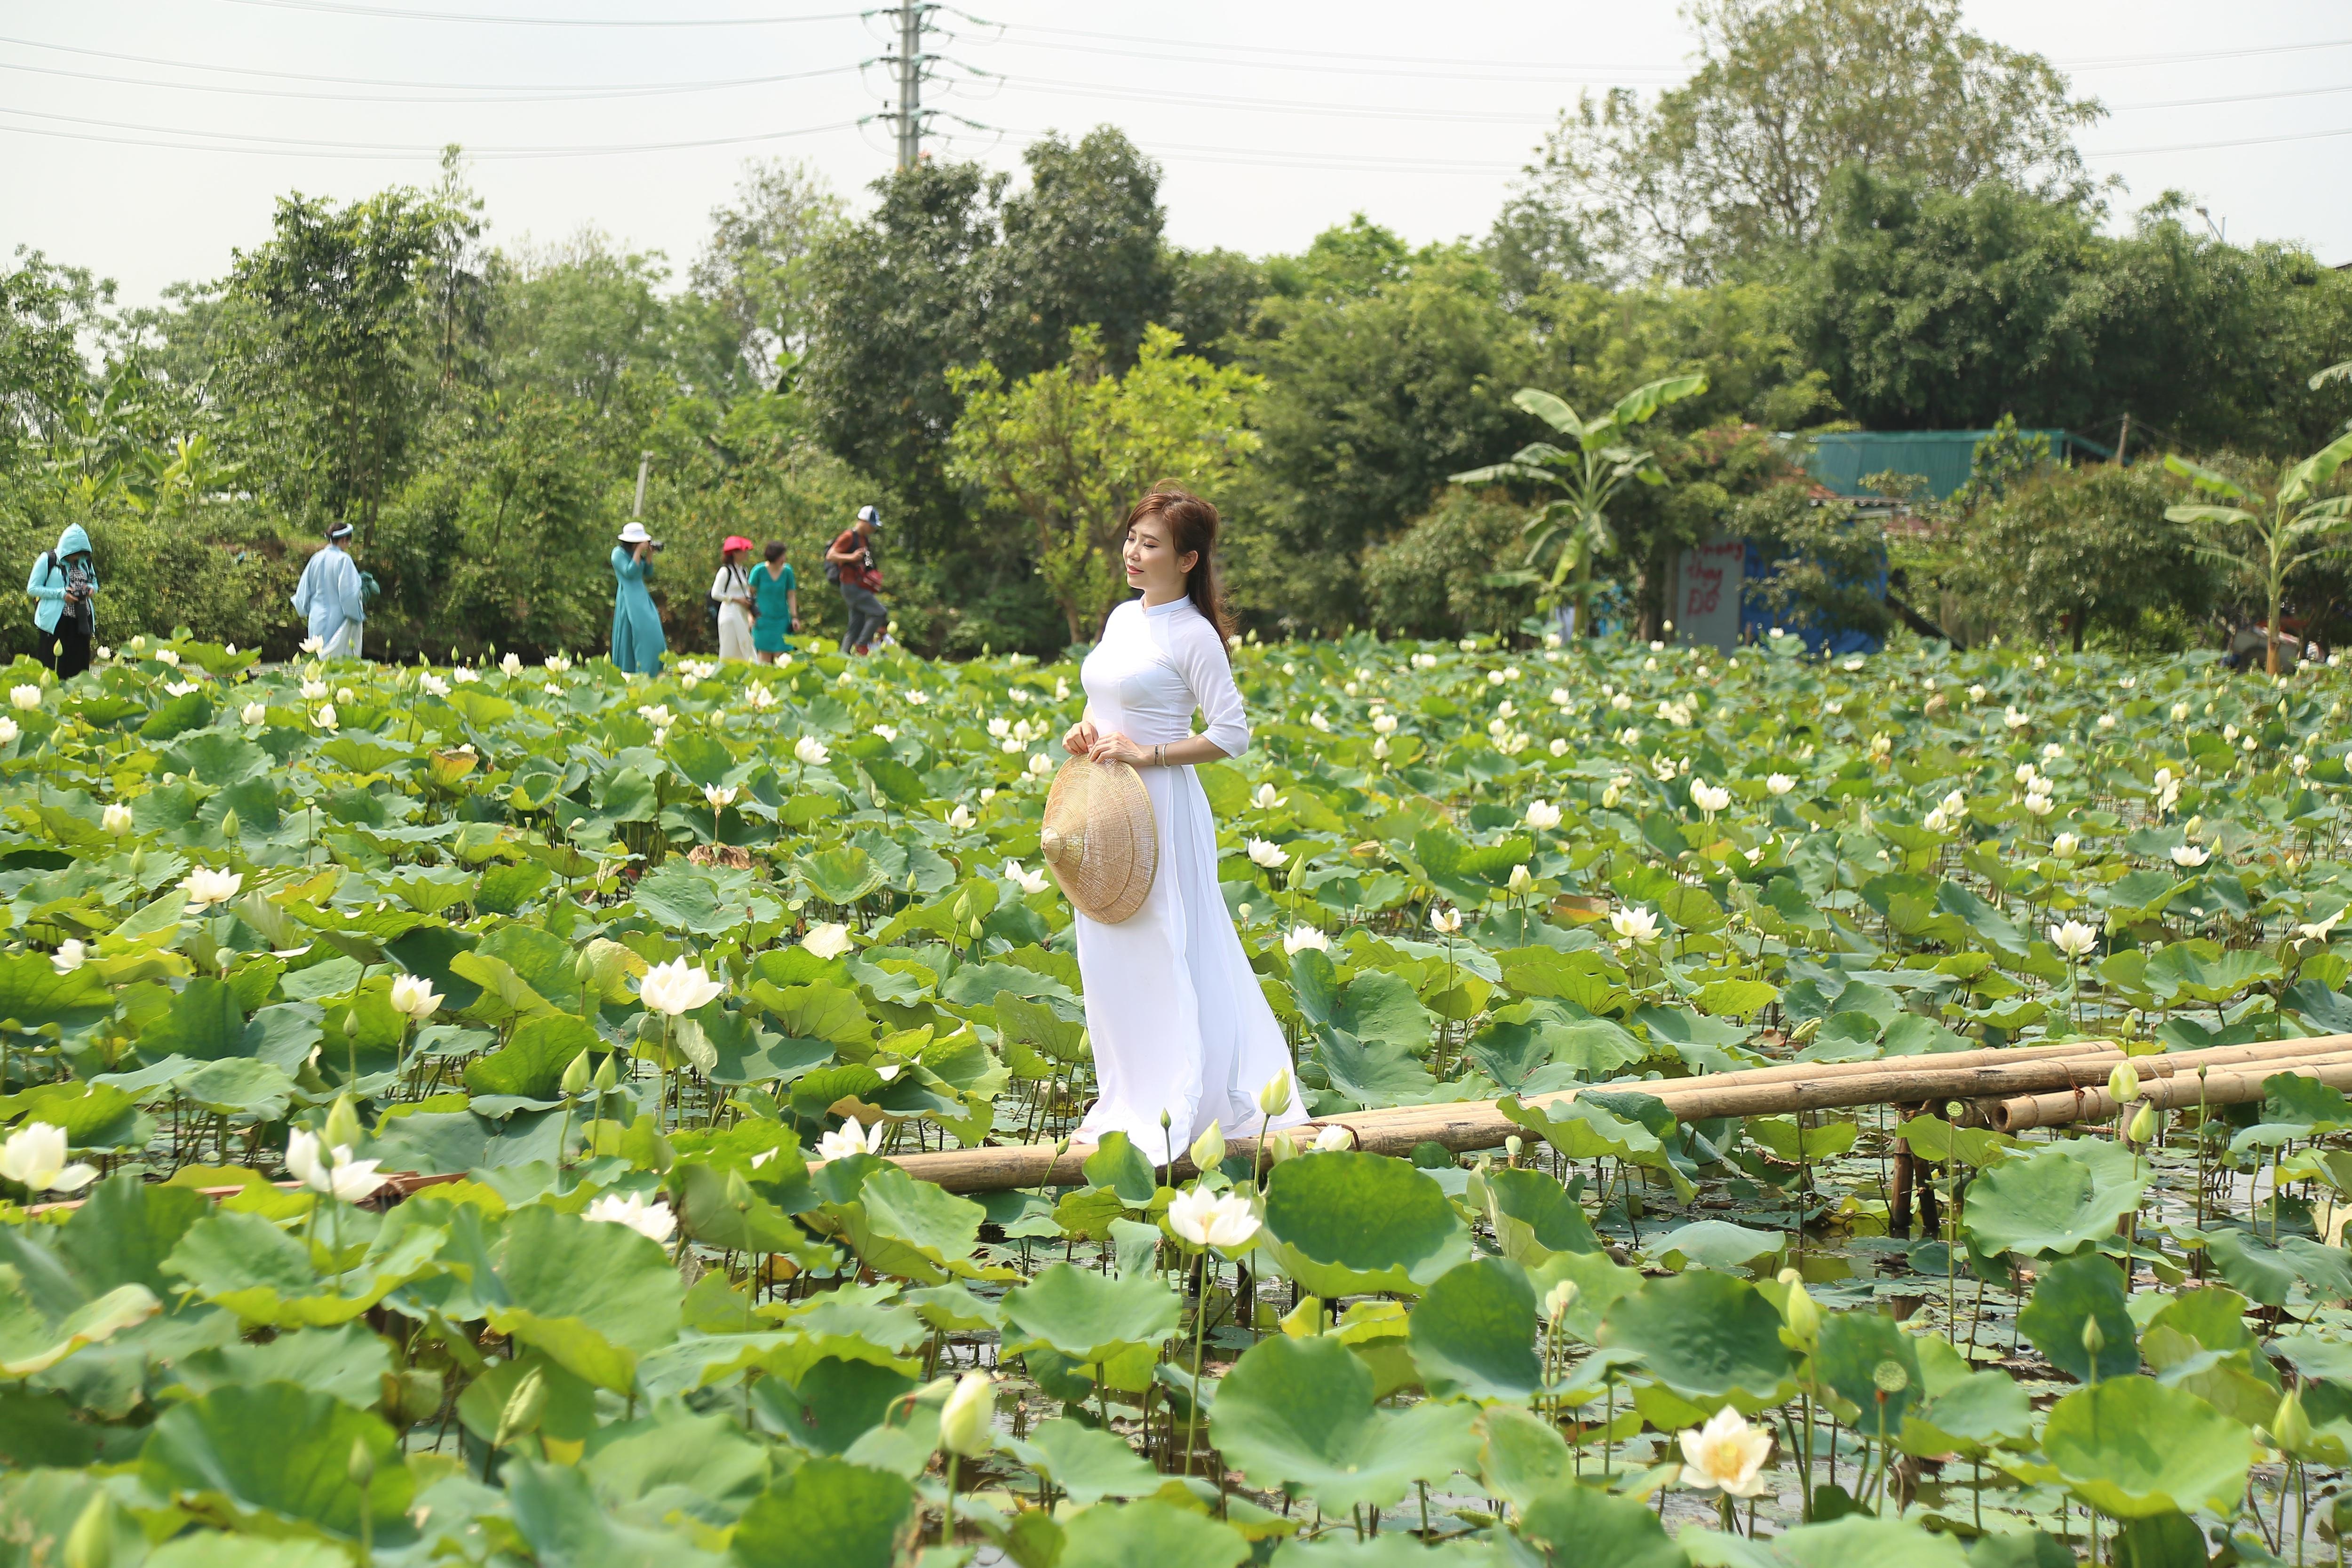 Hà Nội: Kiếm tiền triệu từ nghề trồng hoa sen trắng - Ảnh 4.